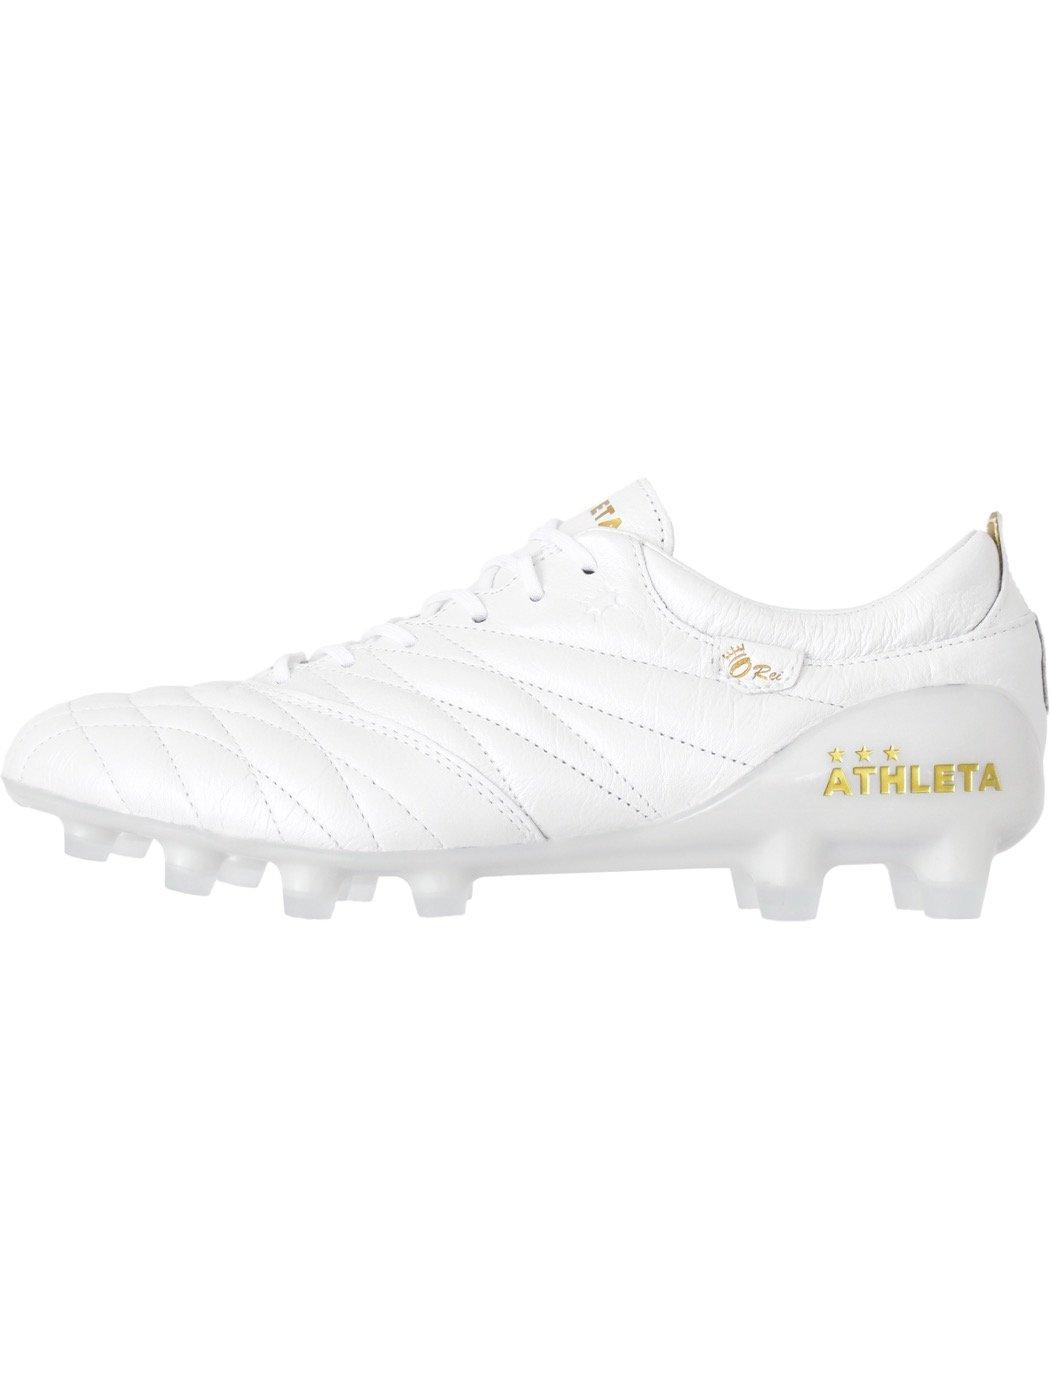 ATHLETA(アスレタ) O-Rei Futebol A001 10001-PW B01N7HCS6OPWH 27